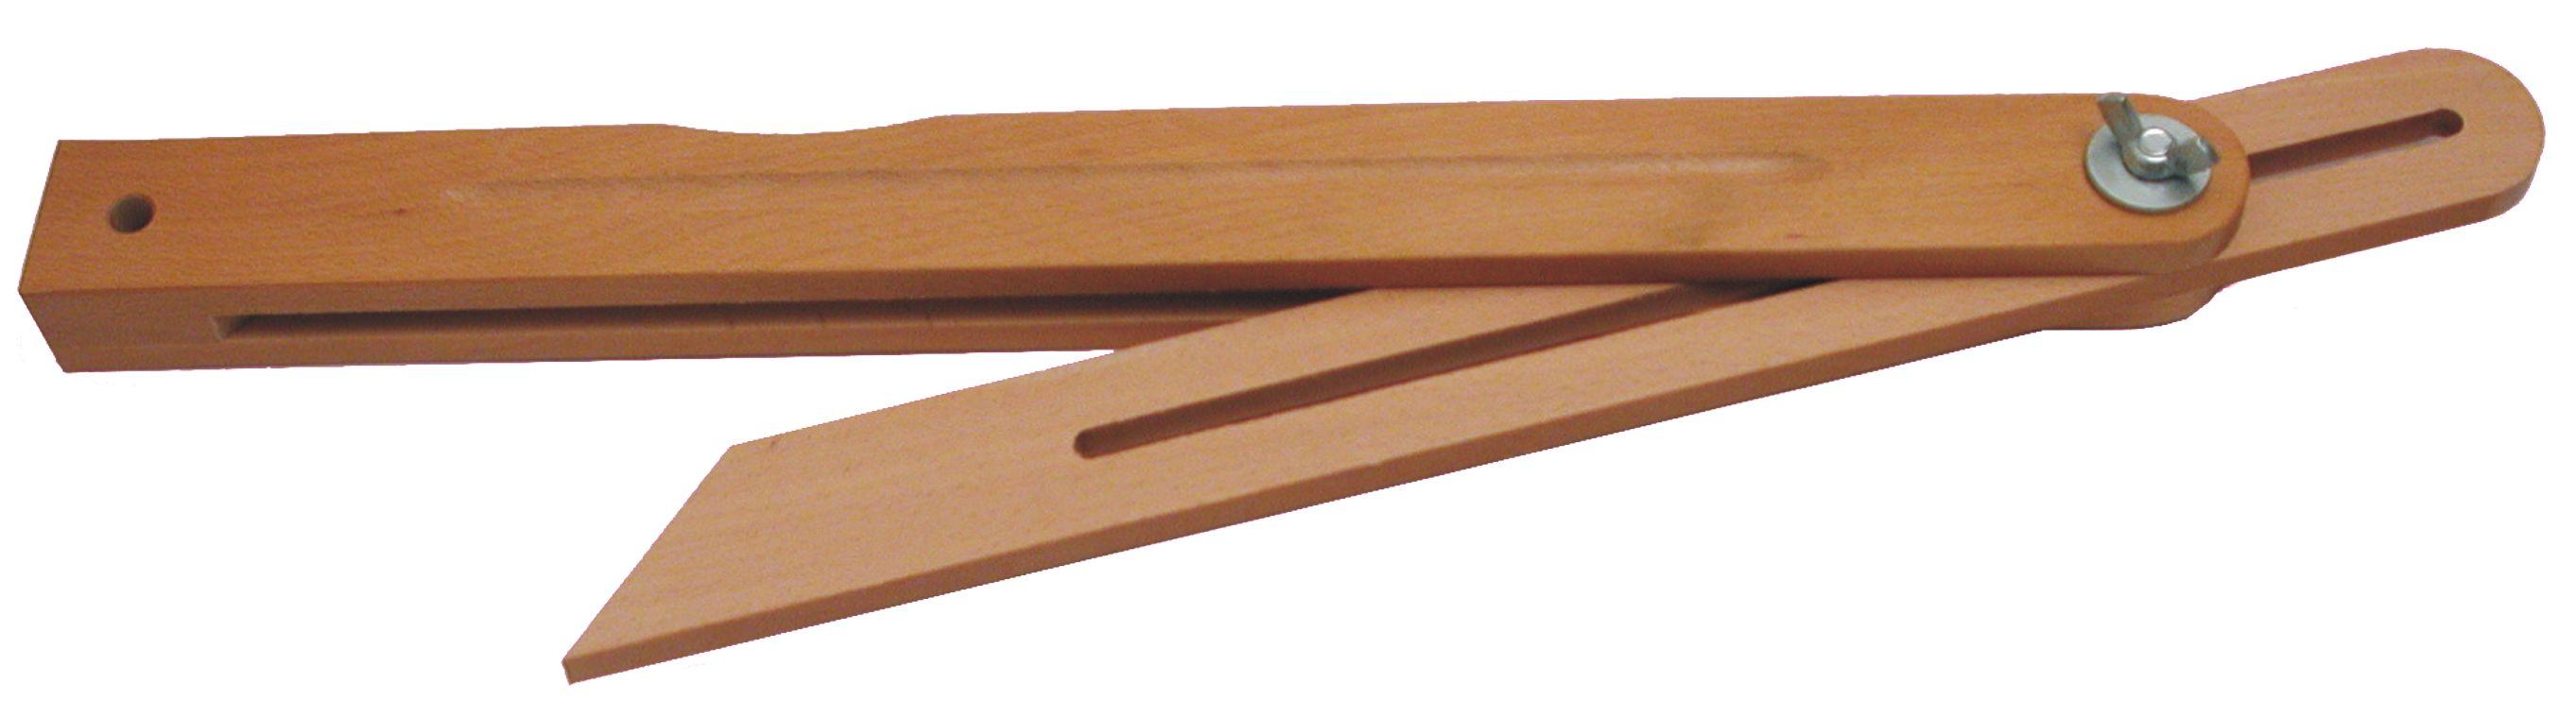 szögmásoló sáskaláb fa